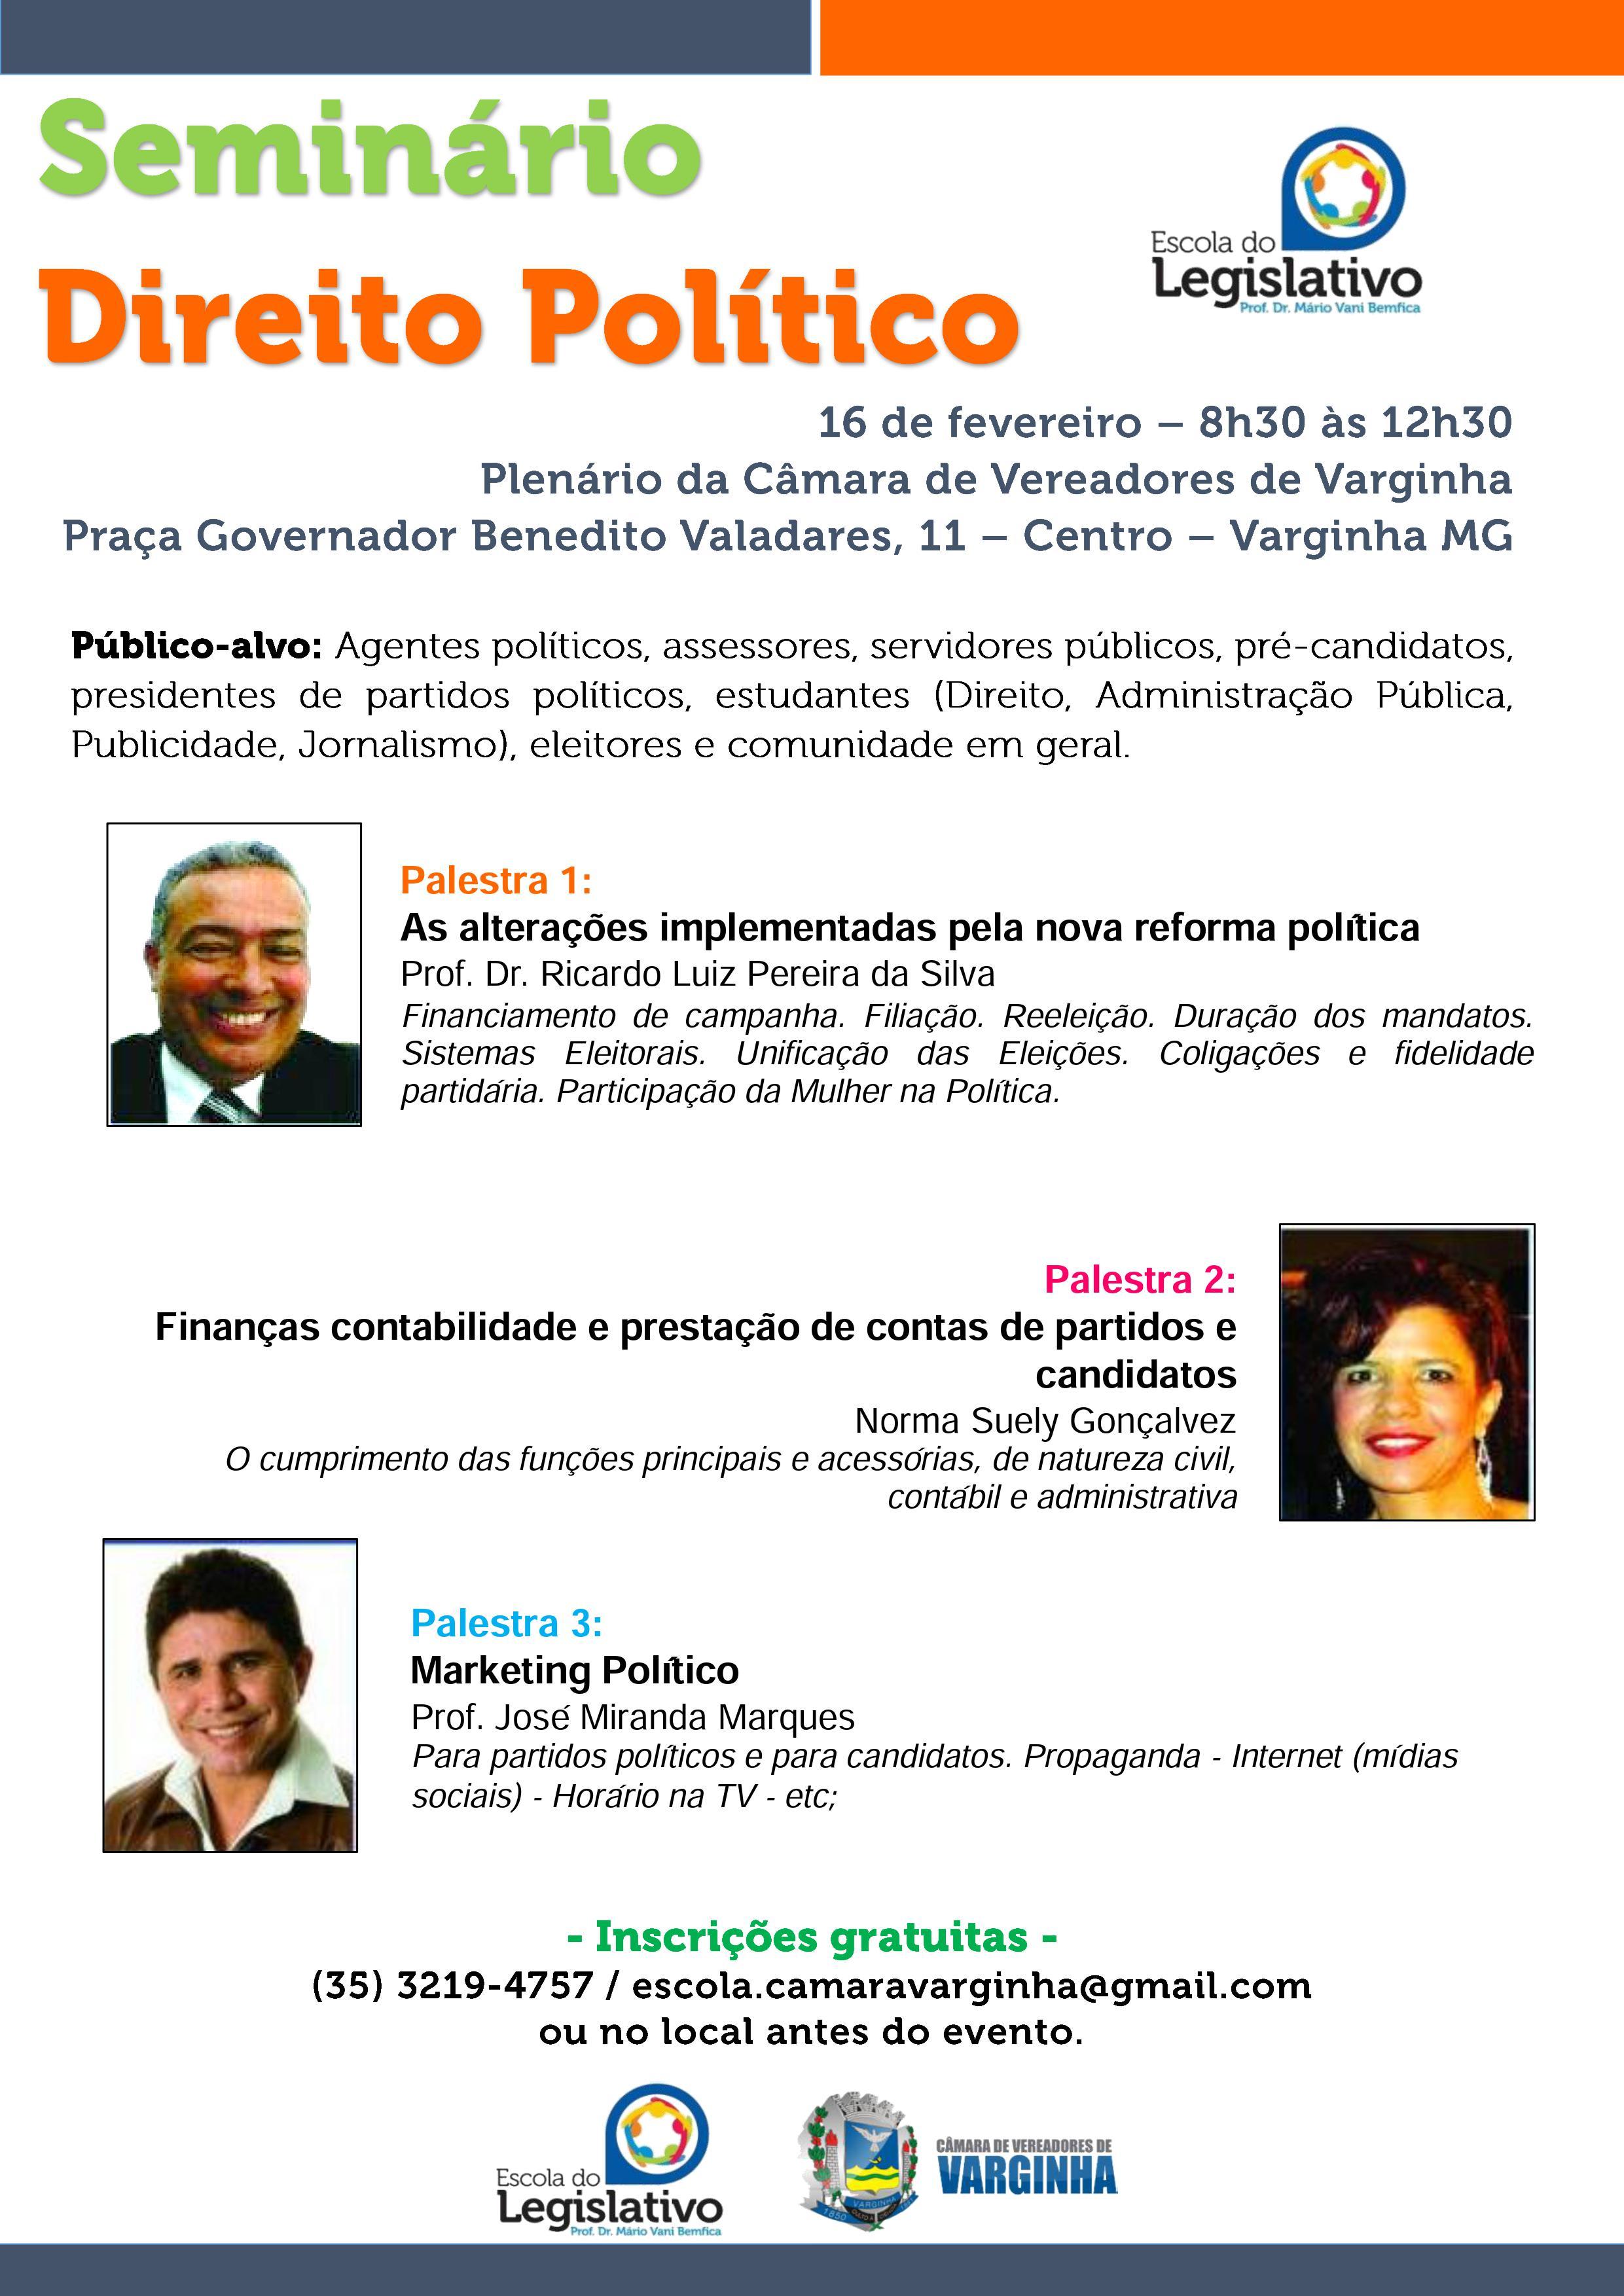 Seminário - Direito Politico - Varginha